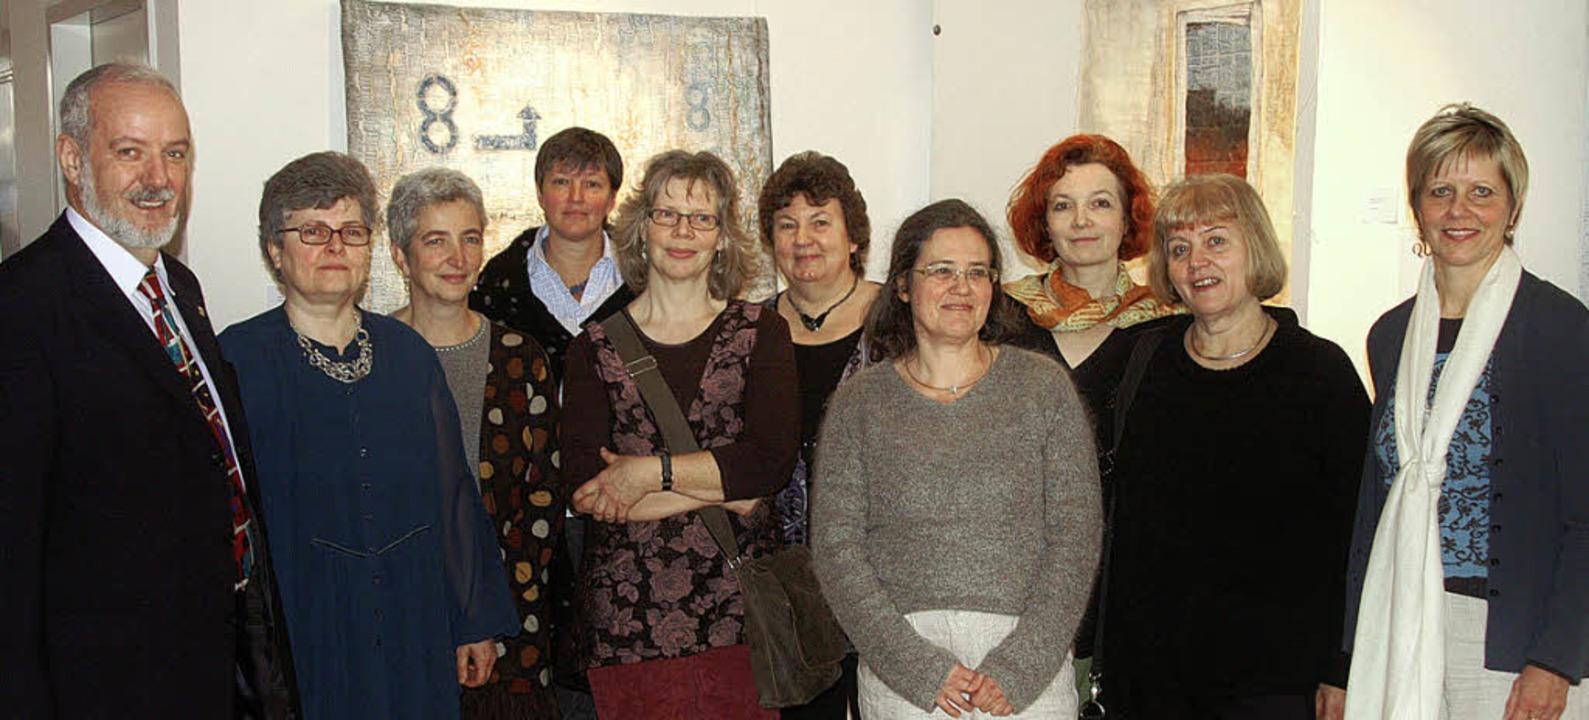 Quilt-Kunst aus der Regio: Am Sonntag ...th Nusser-Lampe und Monika Bresch       | Foto: Ilona Hüge